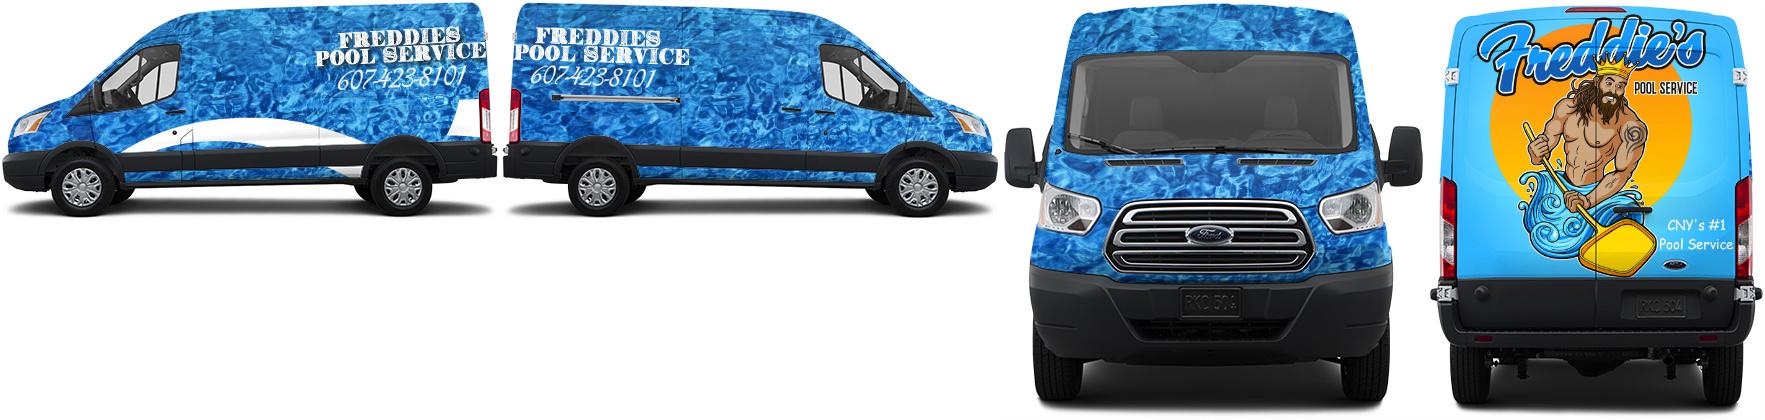 Transit Van Wrap #49518